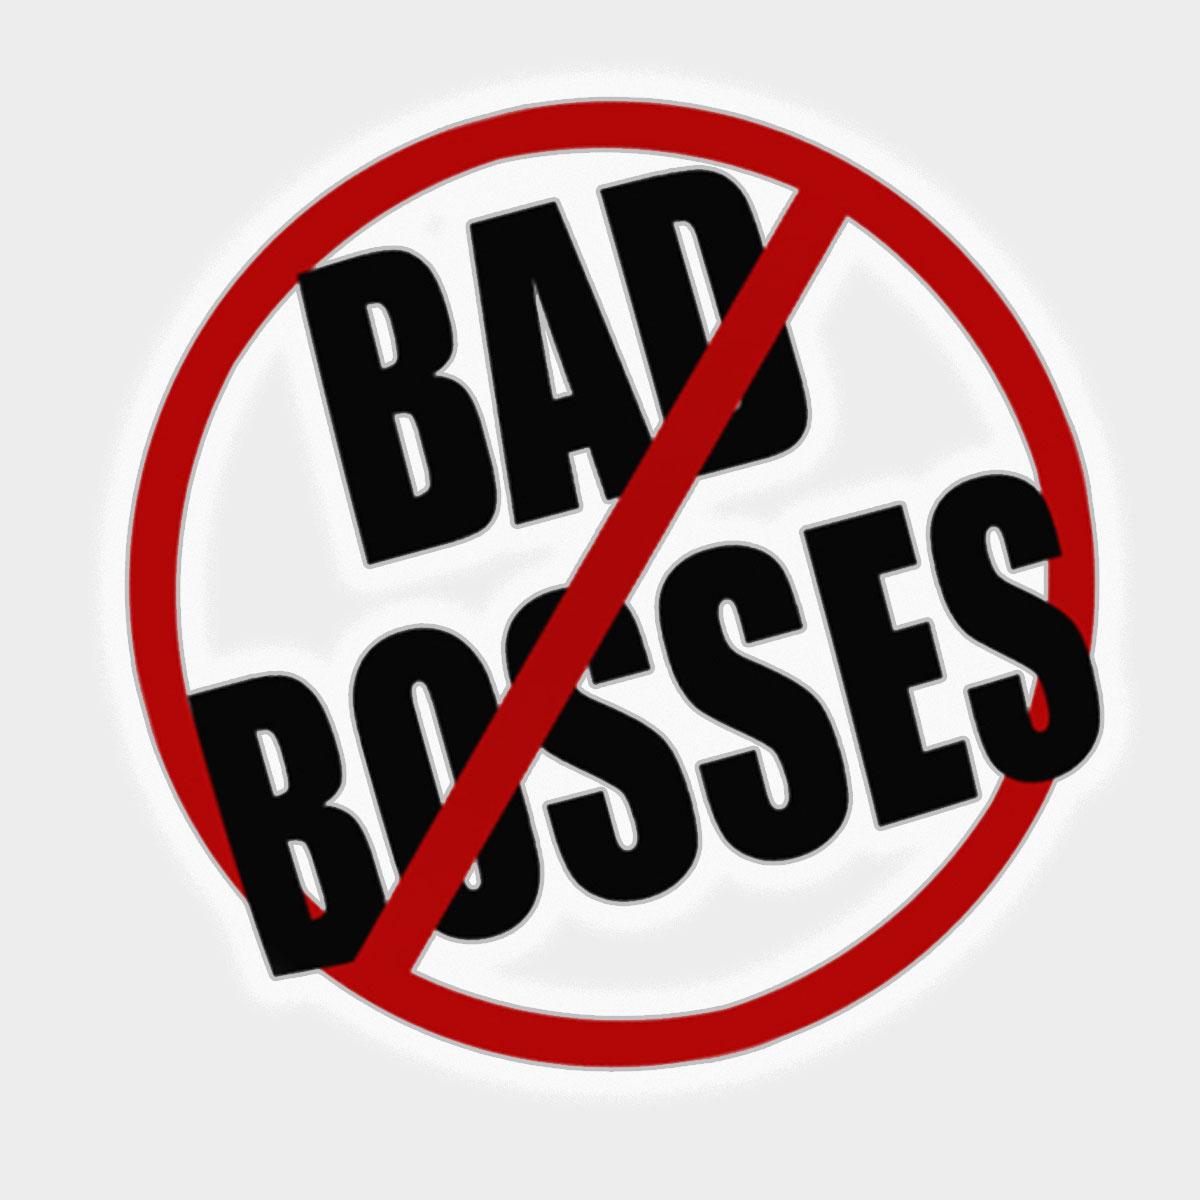 No Bad Bosses